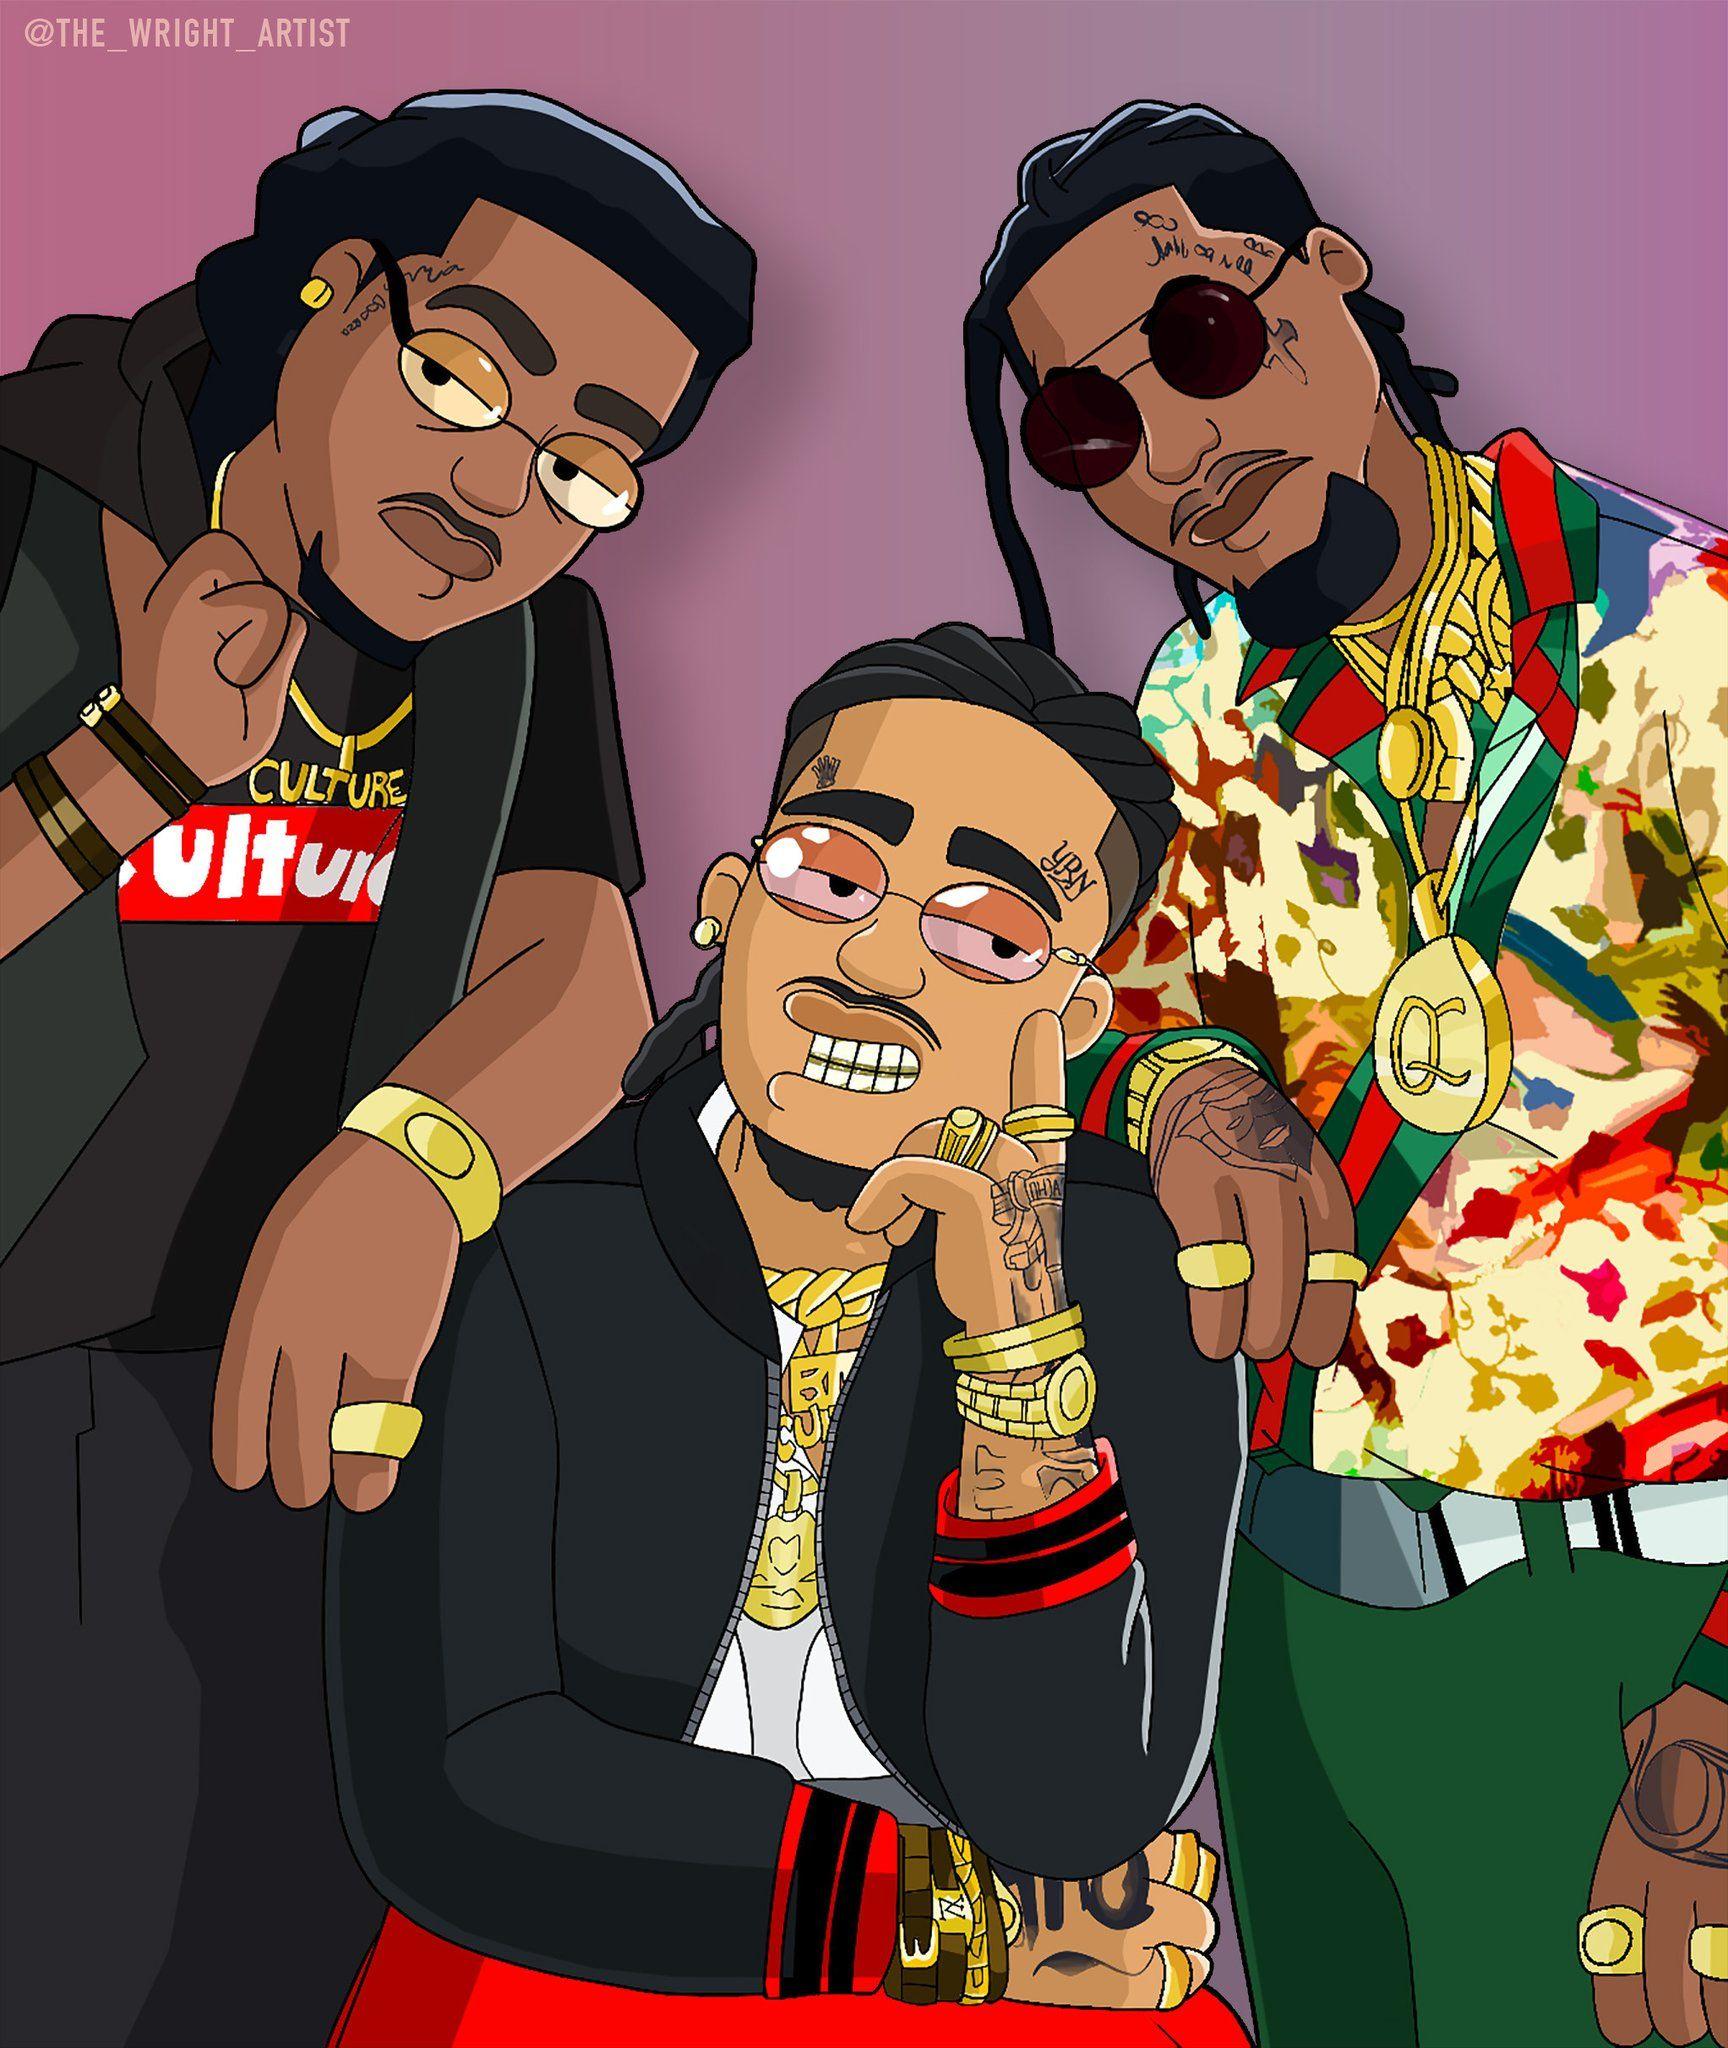 Migos X Family Guy in 2020 Hip hop art, Migos, Rapper art